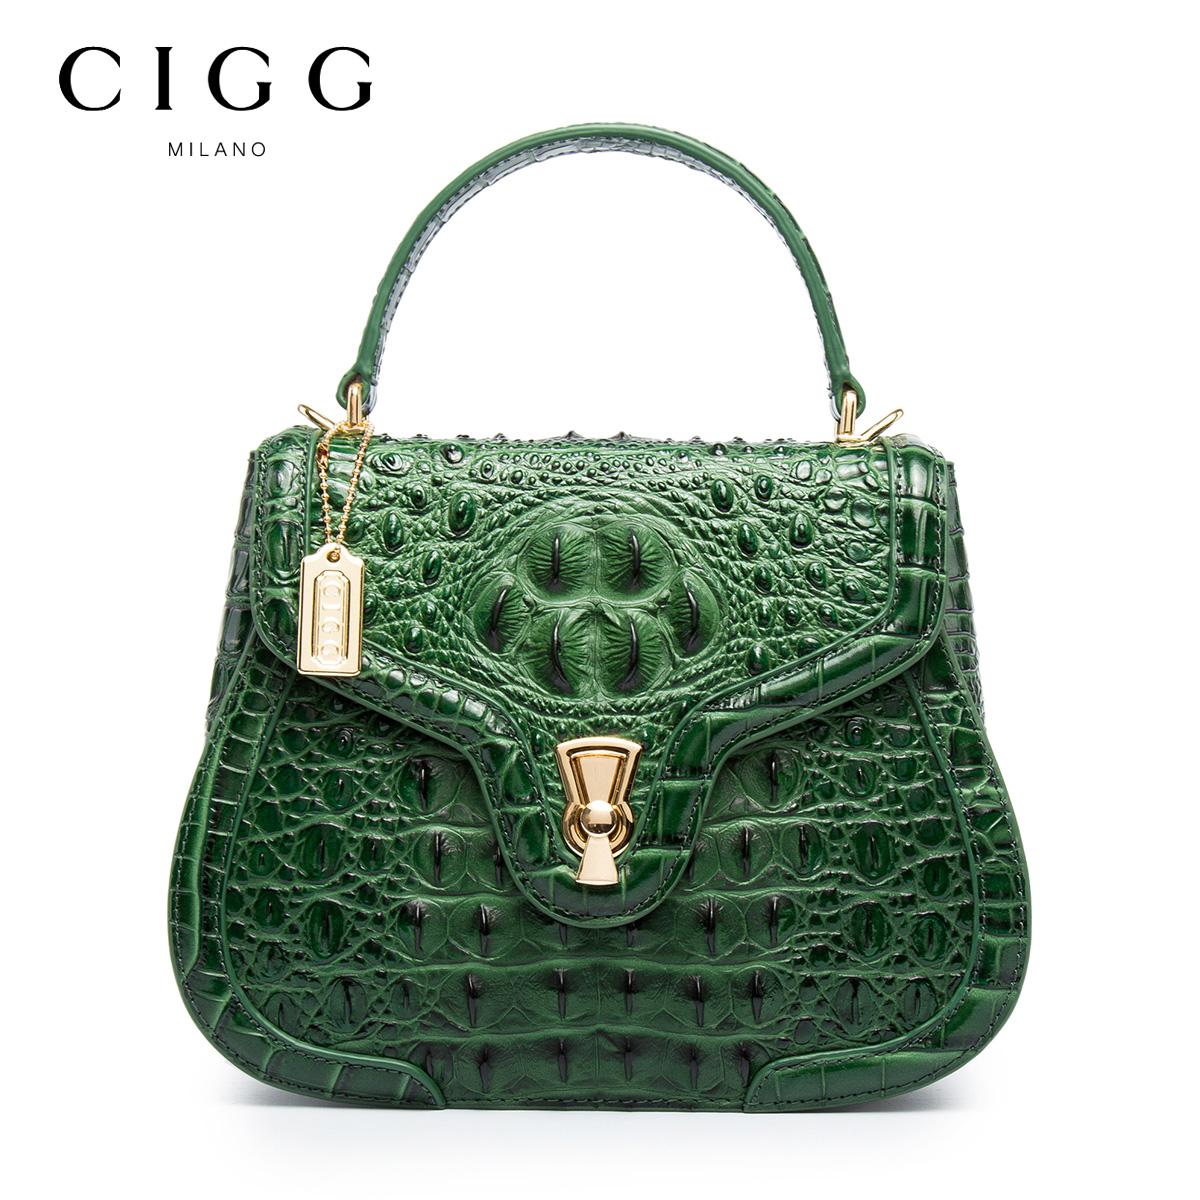 CIGG/西歌真皮女包 时尚潮流头层牛皮鳄鱼纹锁扣小猪包欧美手提包